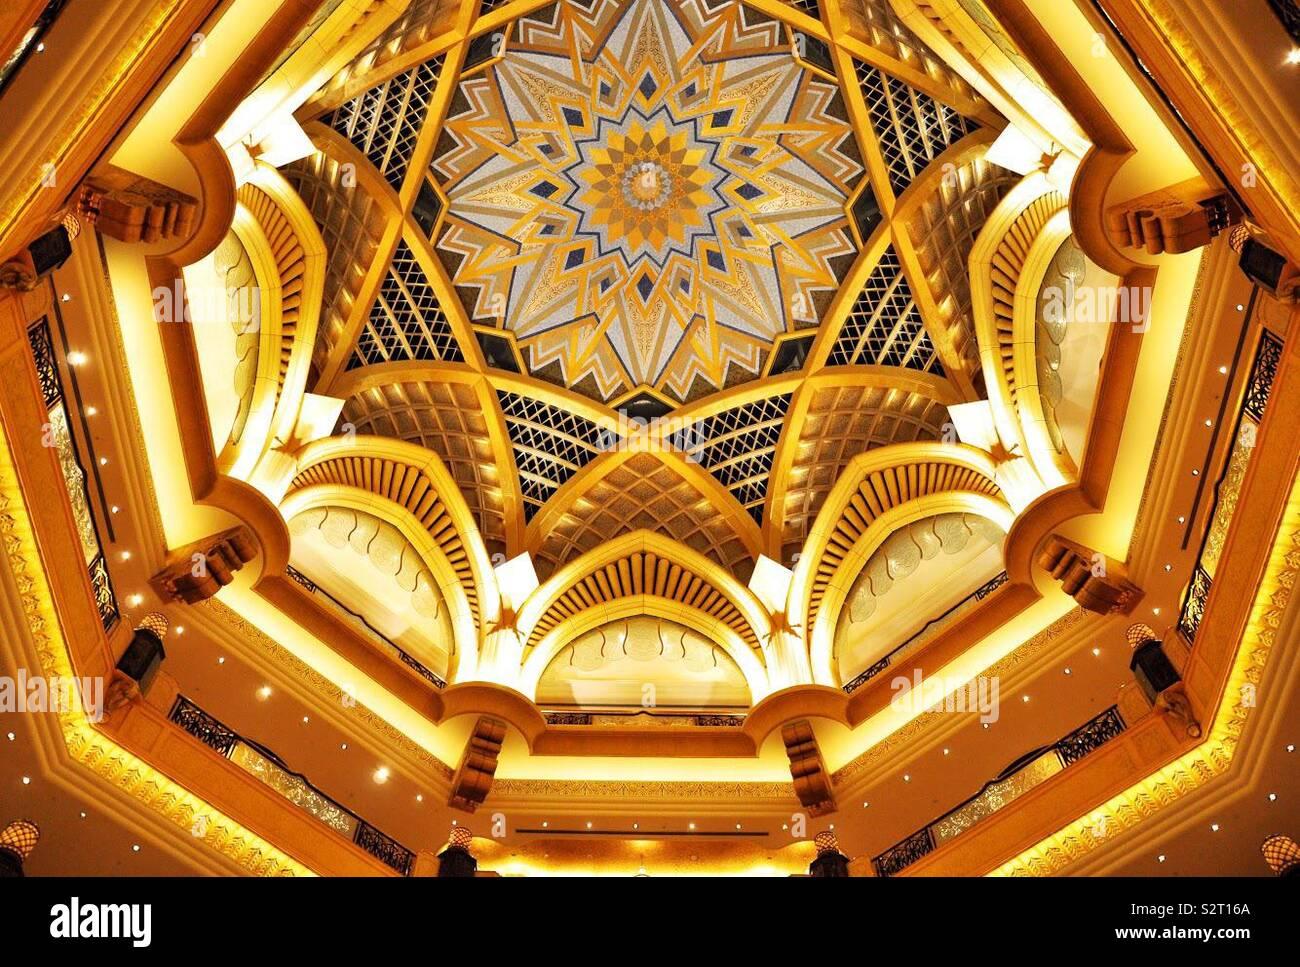 Innenraum des Emirates Palace Hotel, Abu Dhabi, Vereinigte Arabische Emirate. Stockbild